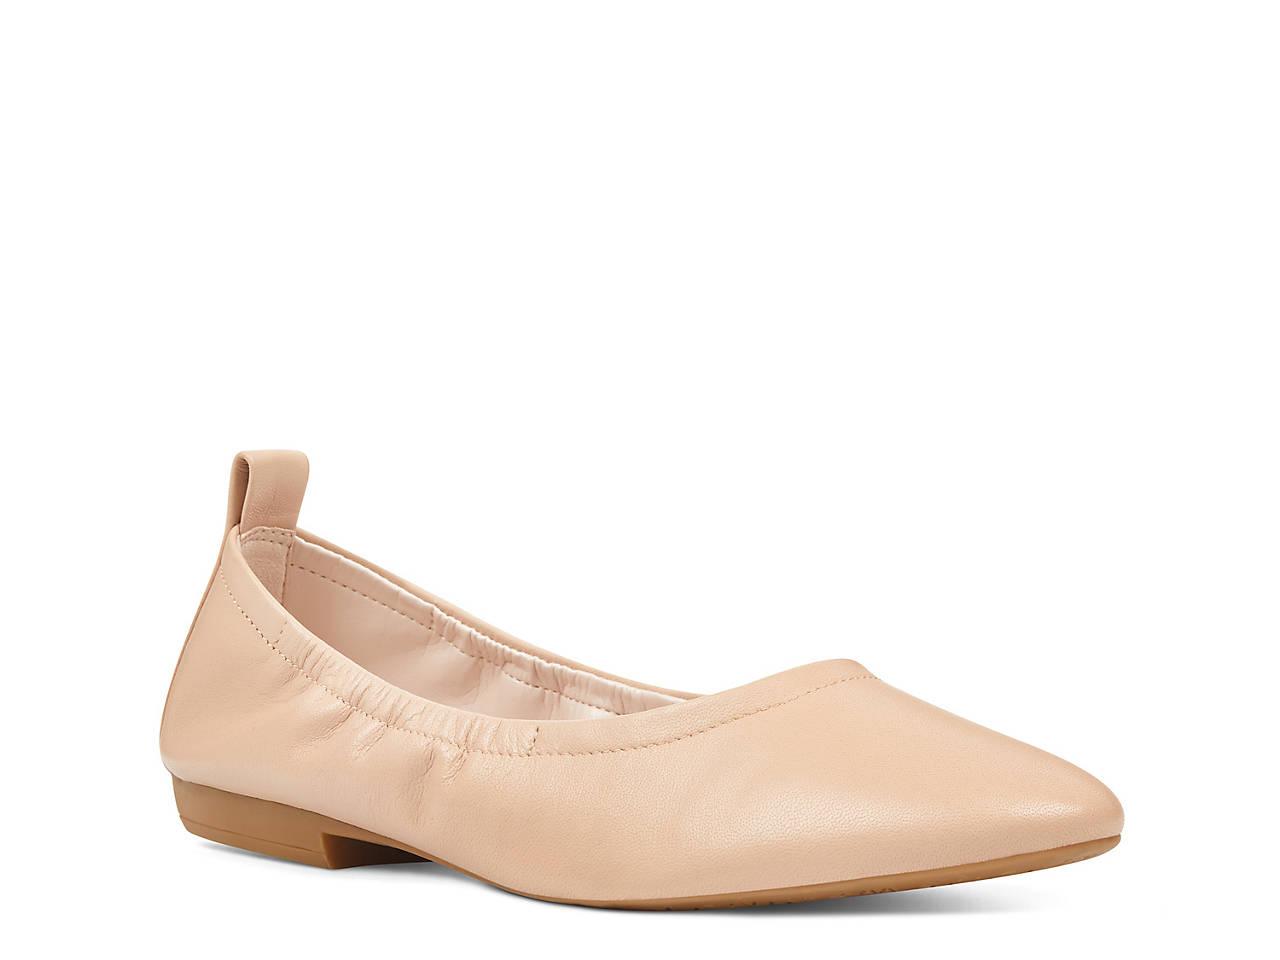 6f7b475043e9 Nine West Griege Ballet Flat Women s Shoes